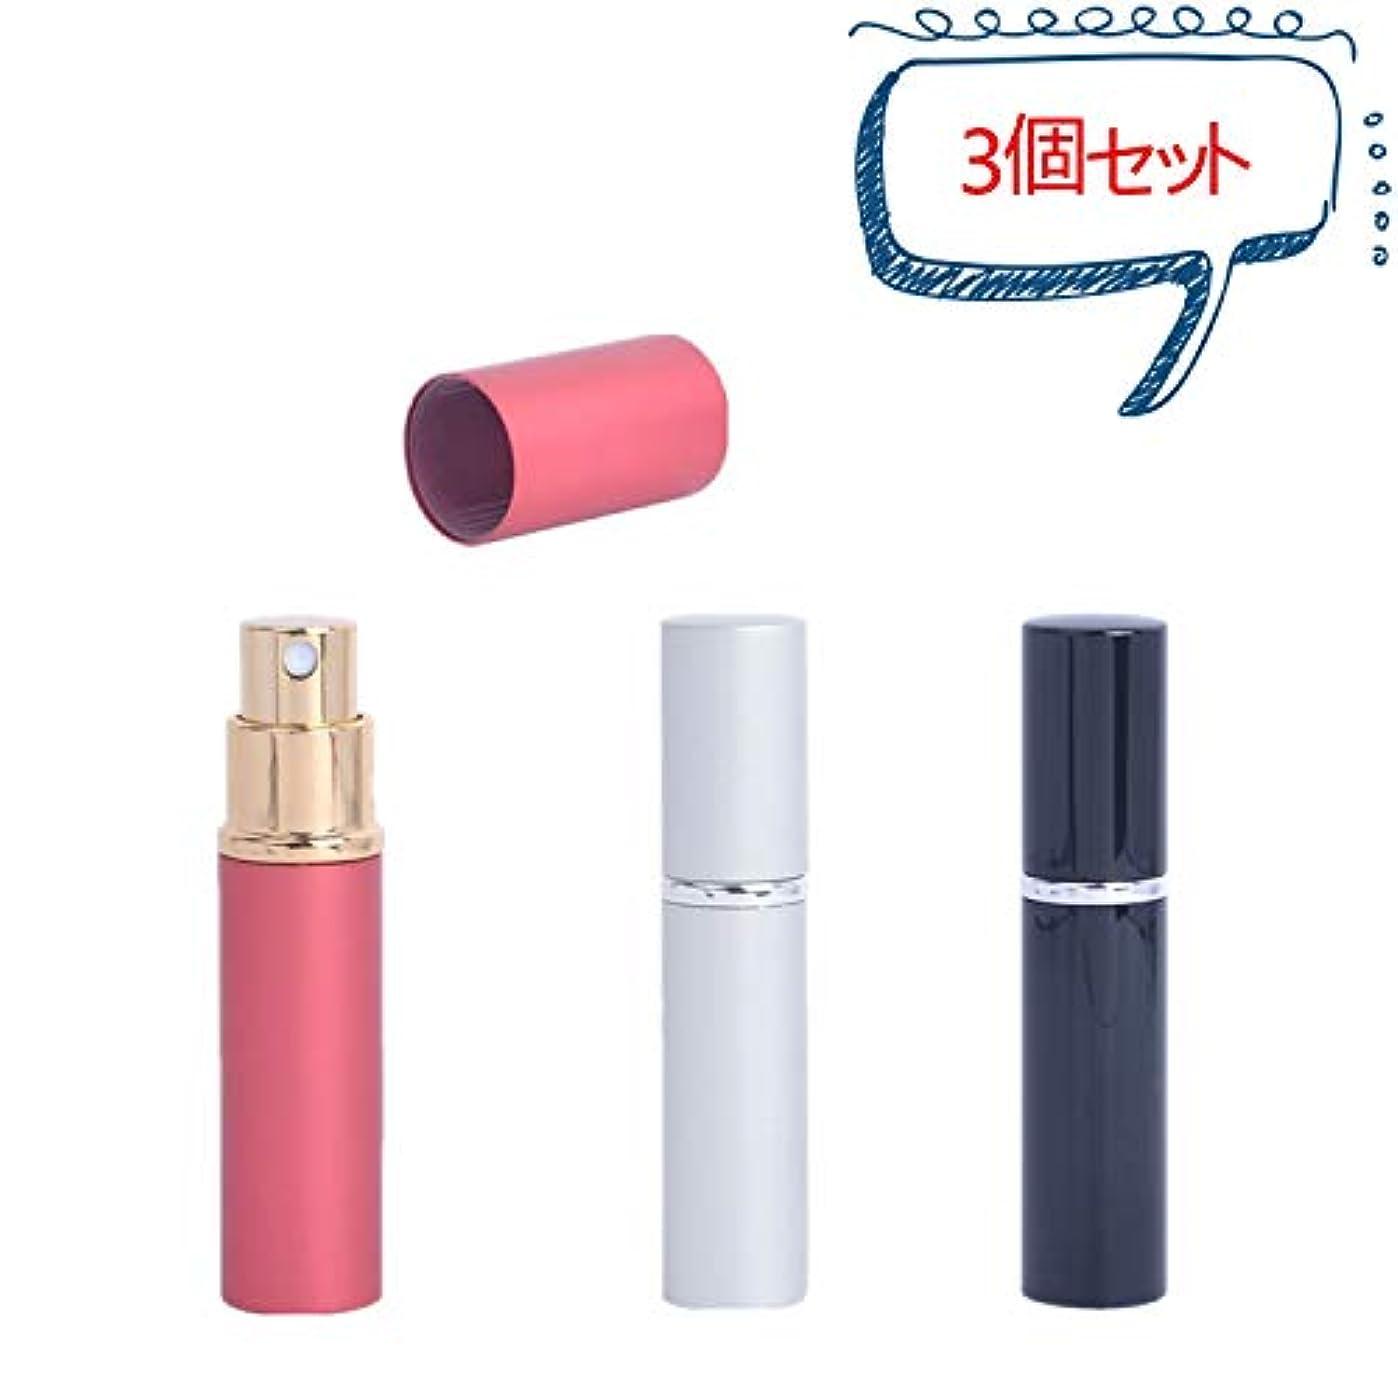 選ぶ言う母音[Hordlend] 3個セット アトマイザー 香水ボトル 香水噴霧器 詰め替え容器 旅行携帯用 5ml 3色セットXSP-025